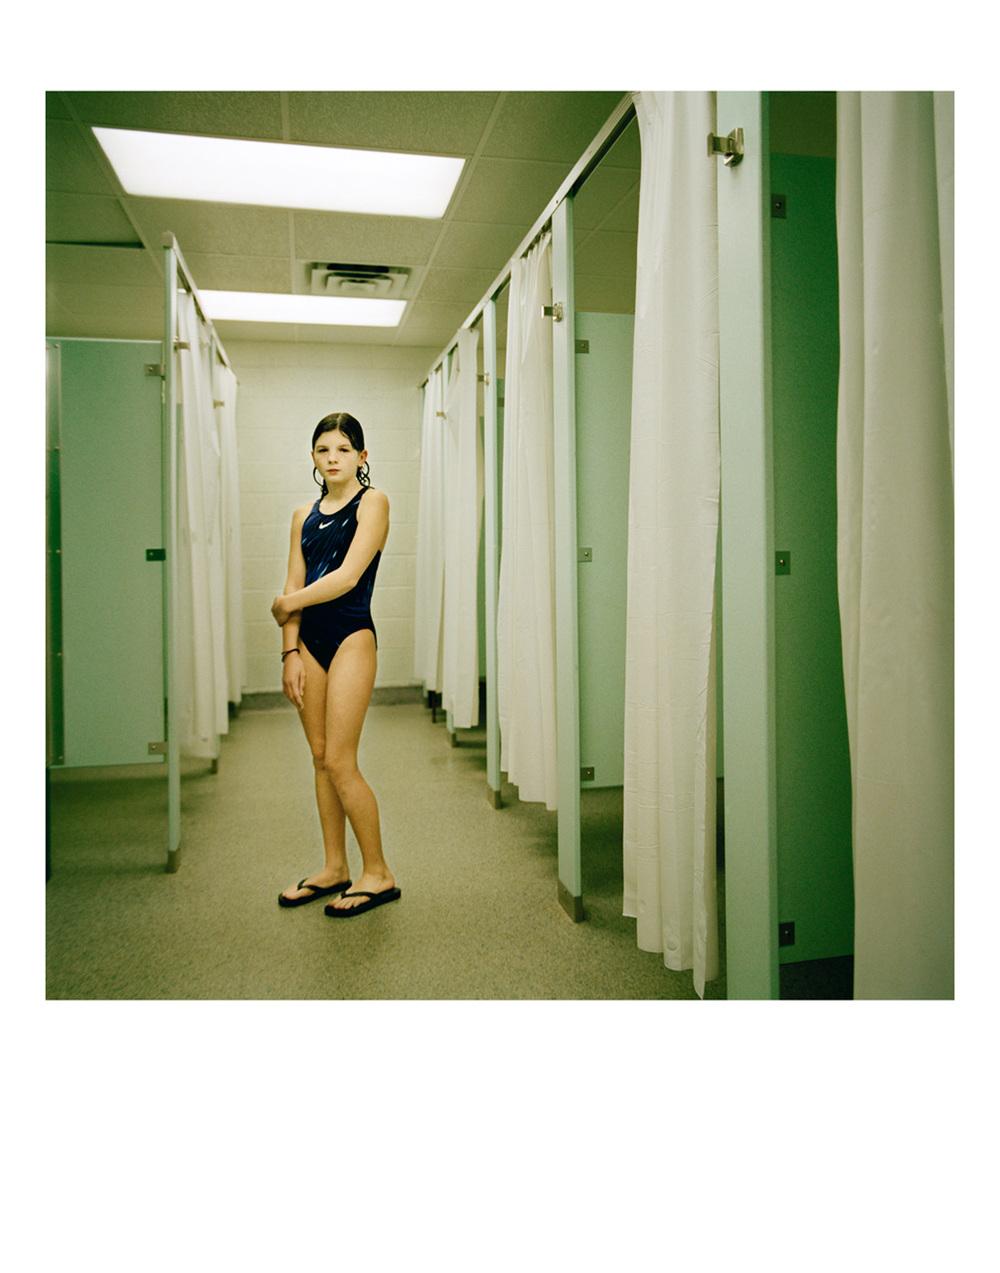 alinka_echeverria_marieKenza_green.lockers.jpg